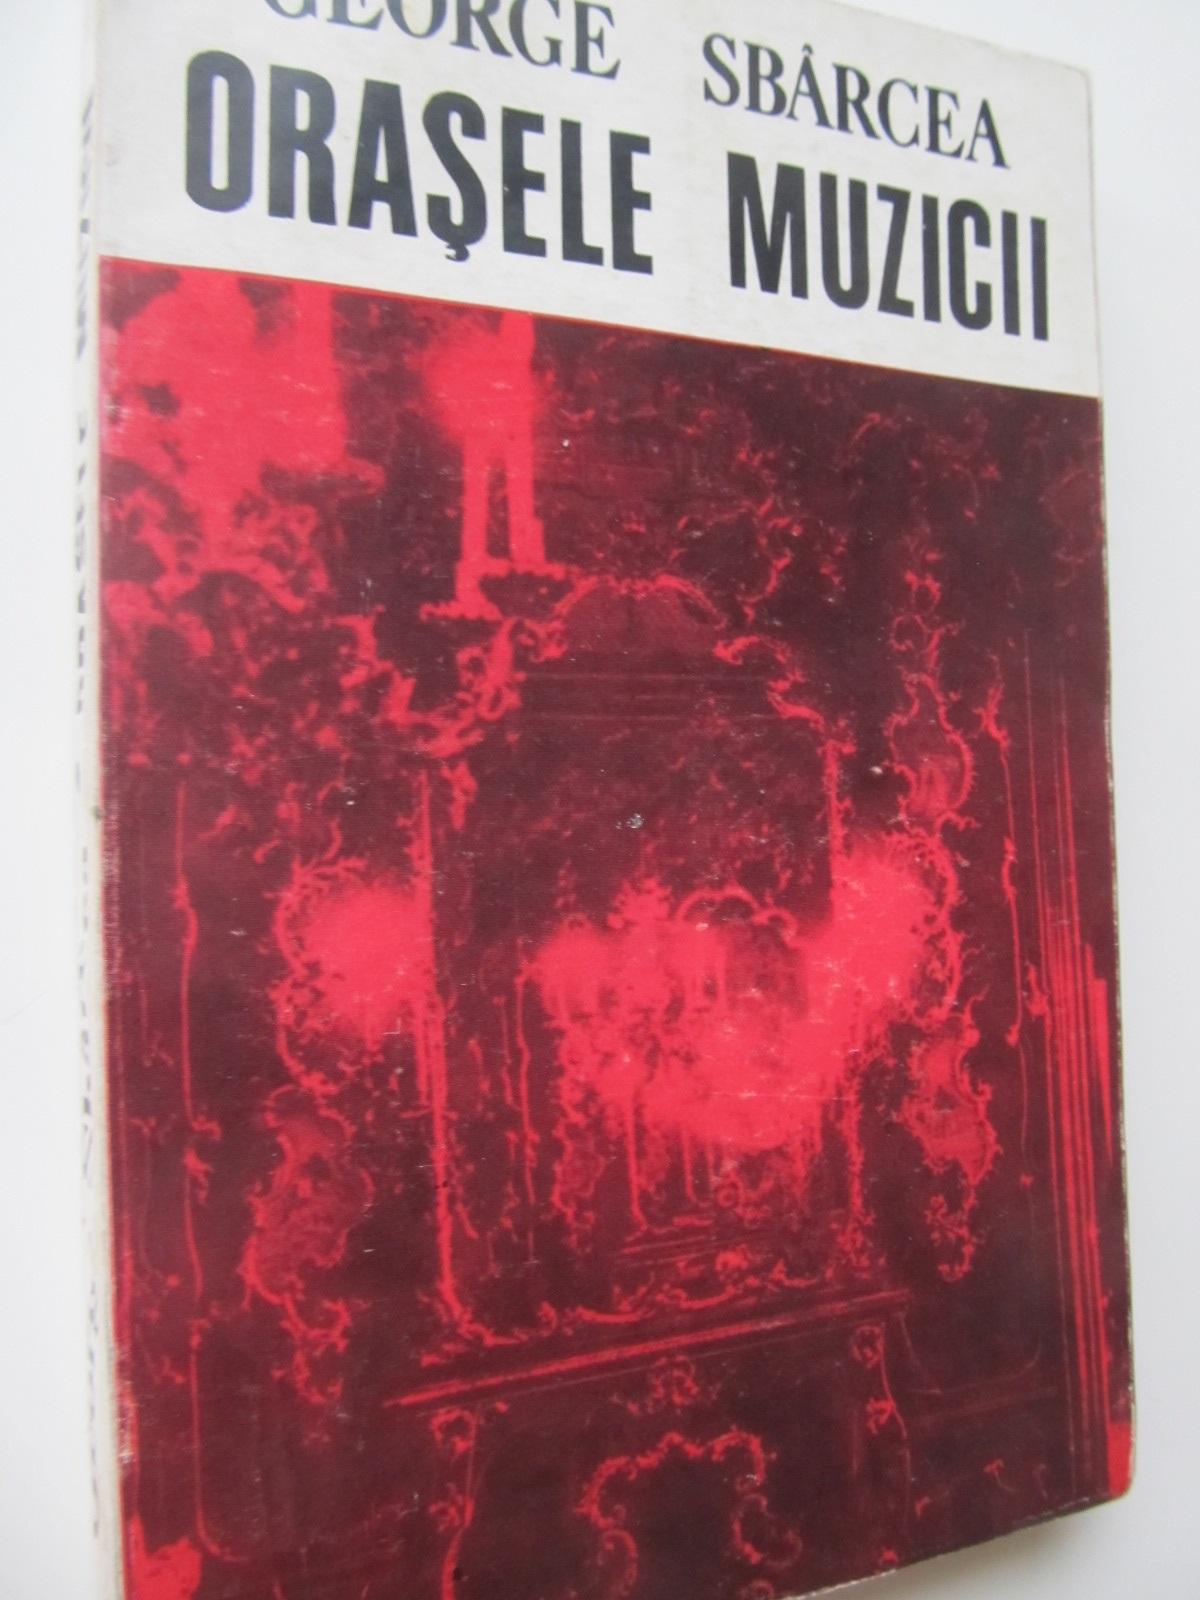 Orasele muzicii - George Sbarcea | Detalii carte